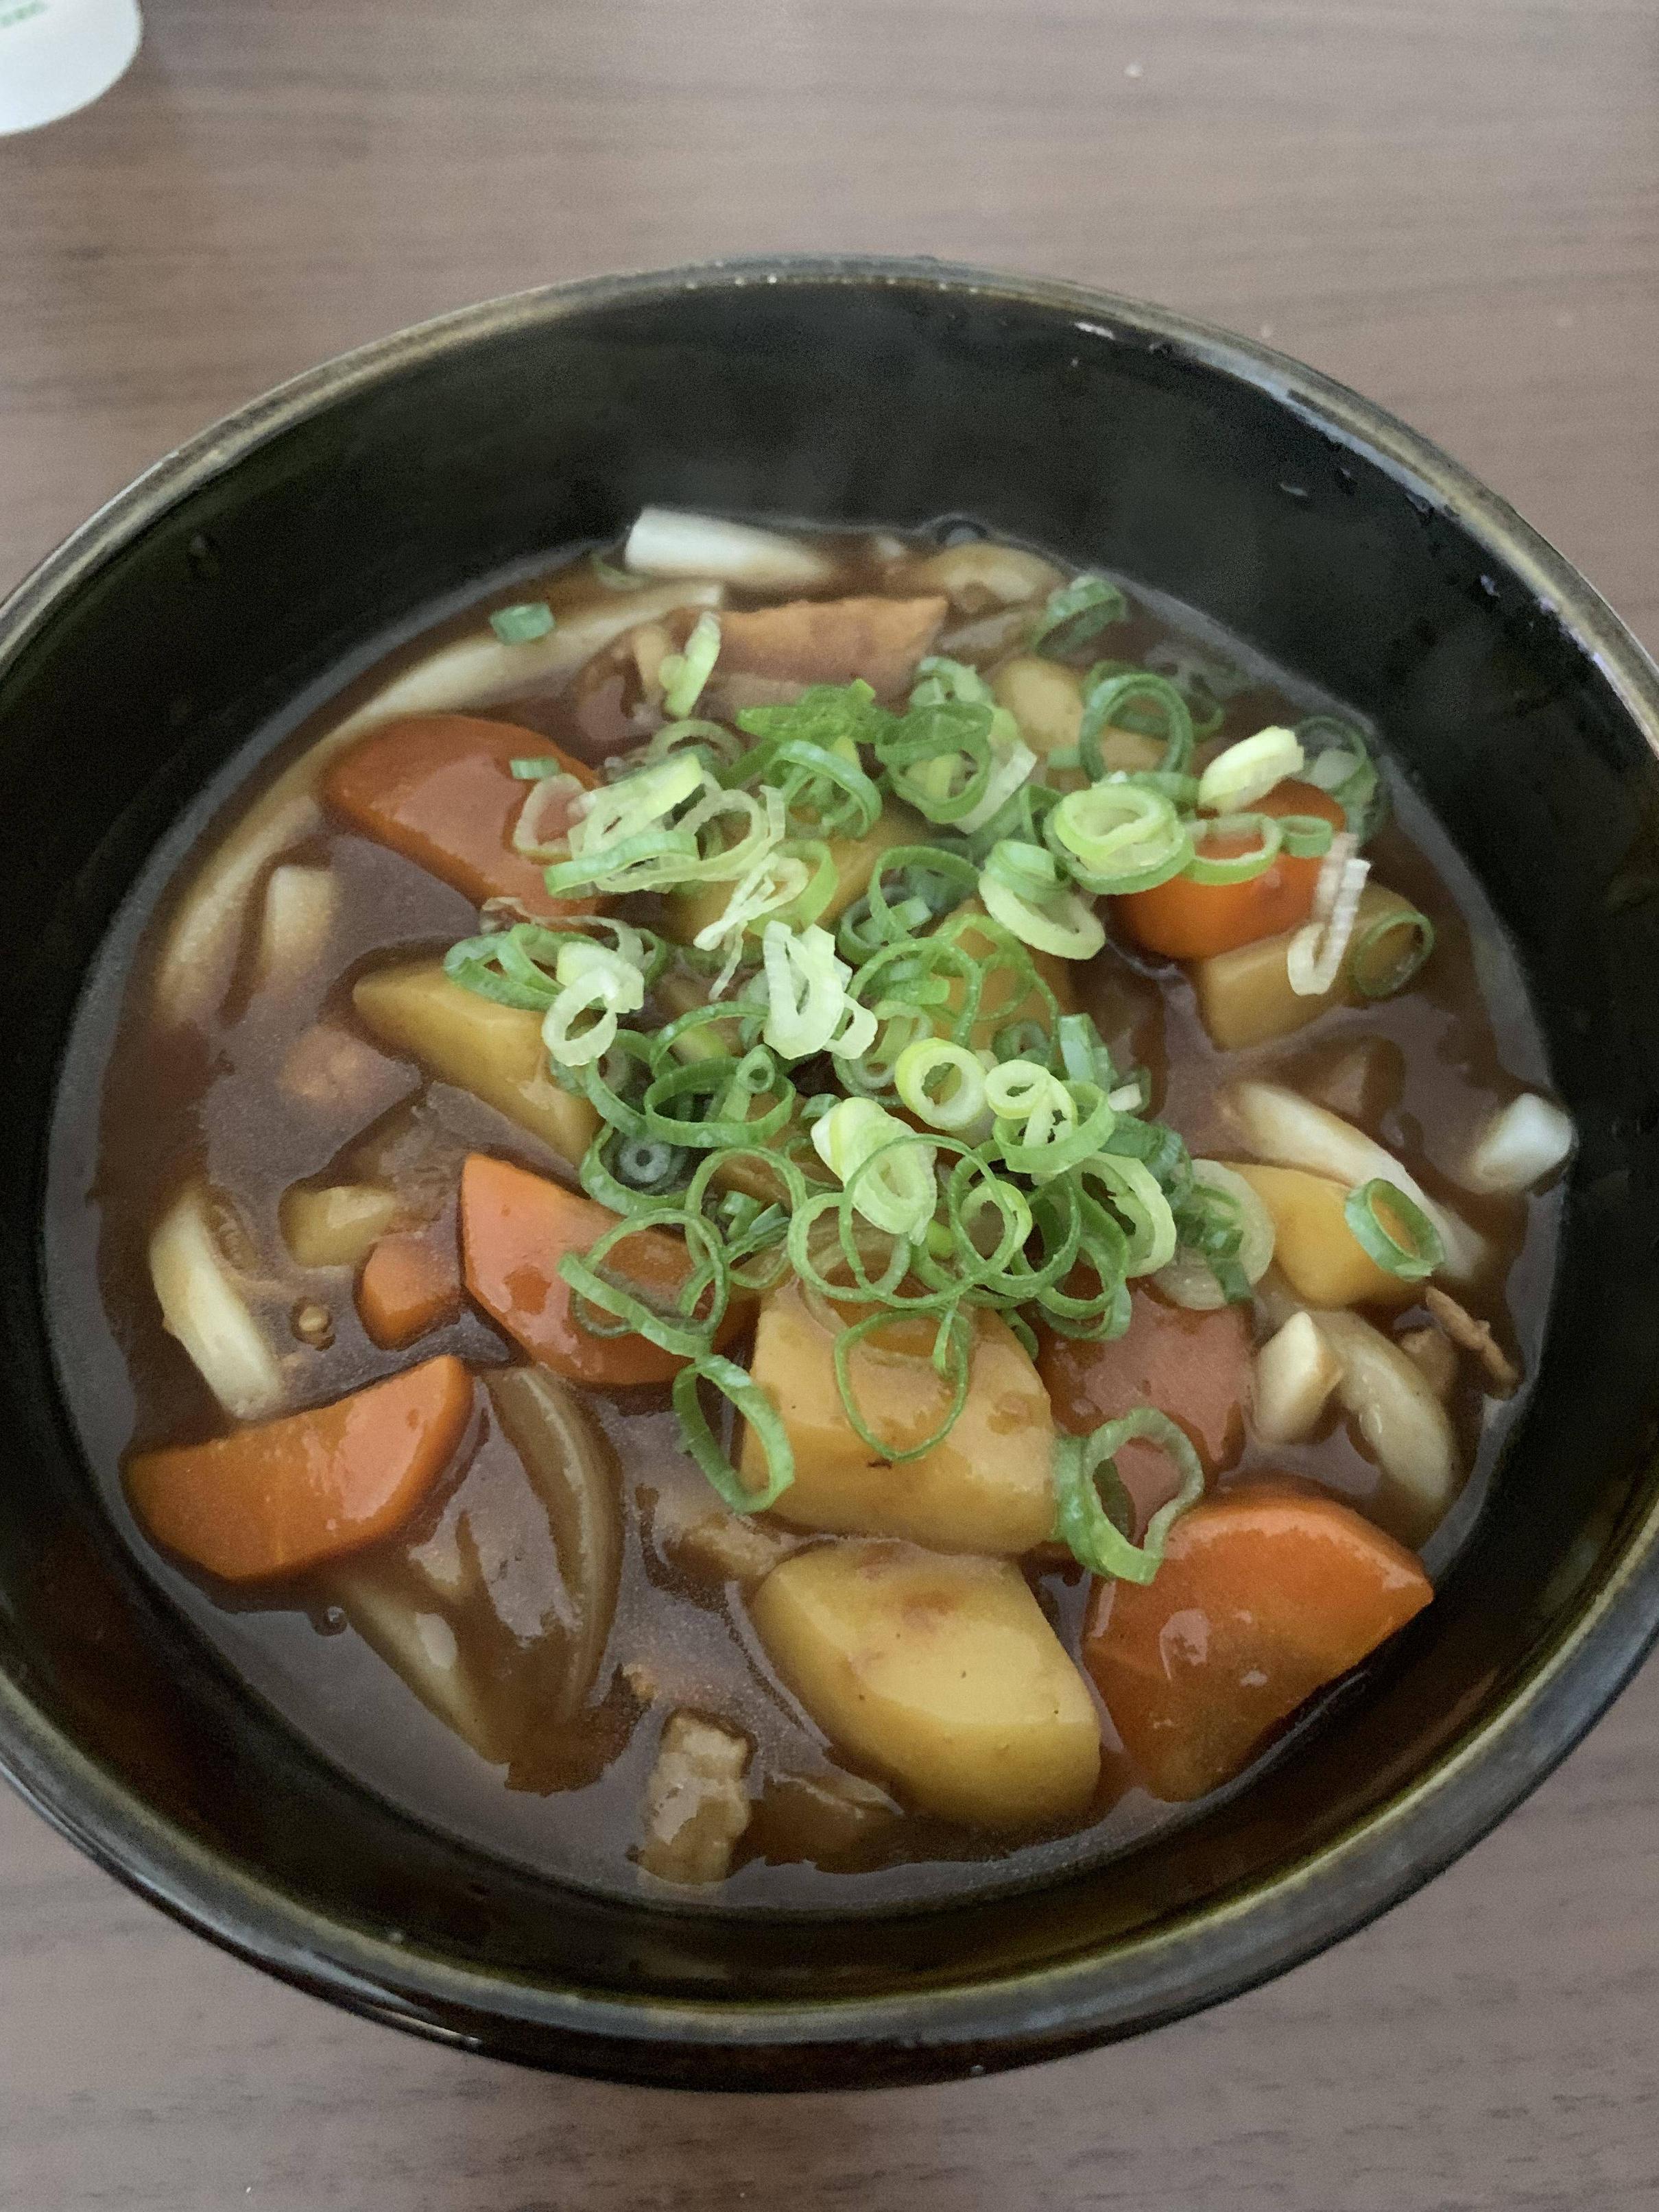 【画像有】ワイ、昼飯に最高のカレーうどんを作る